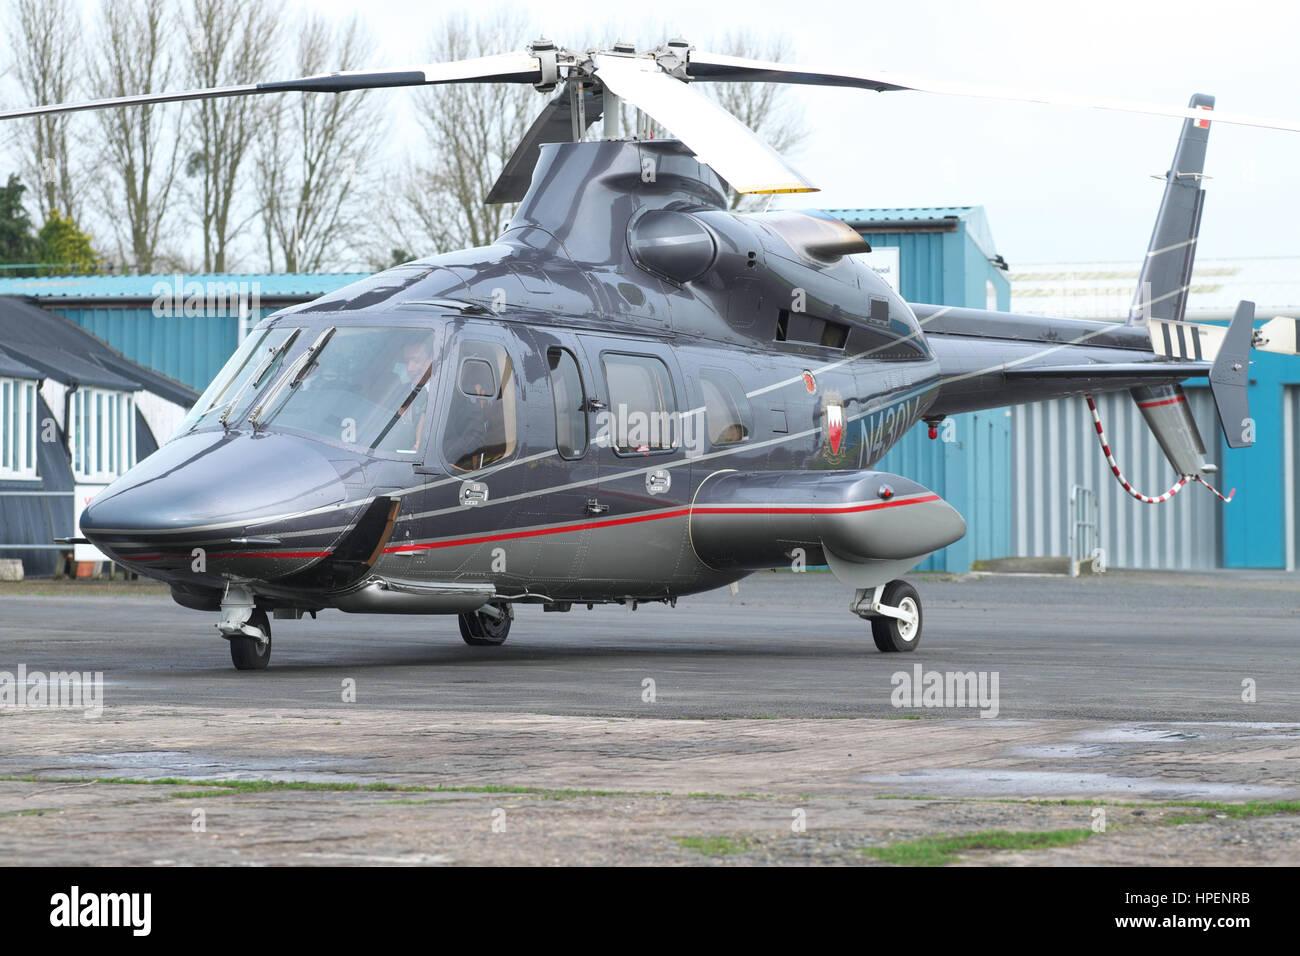 Elicottero Usato : Bell 430 elicottero usato dal bahrain royal volo e basato nel regno